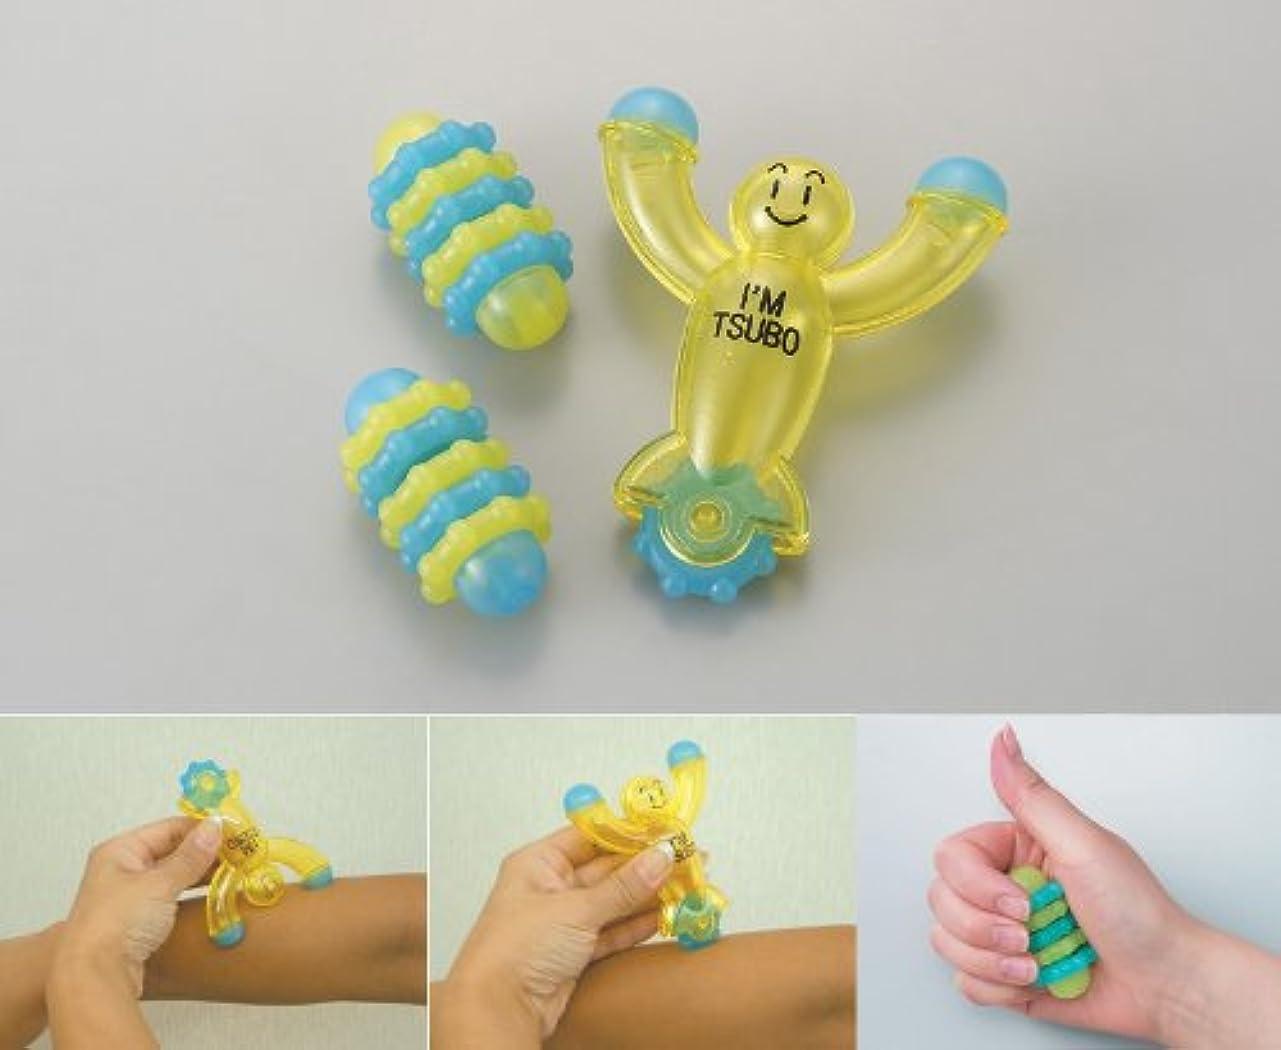 マイクロプロセッサ六分儀汚染するツボ押しツボローラー、手のひら健康具 ■ゆったり健康セット6